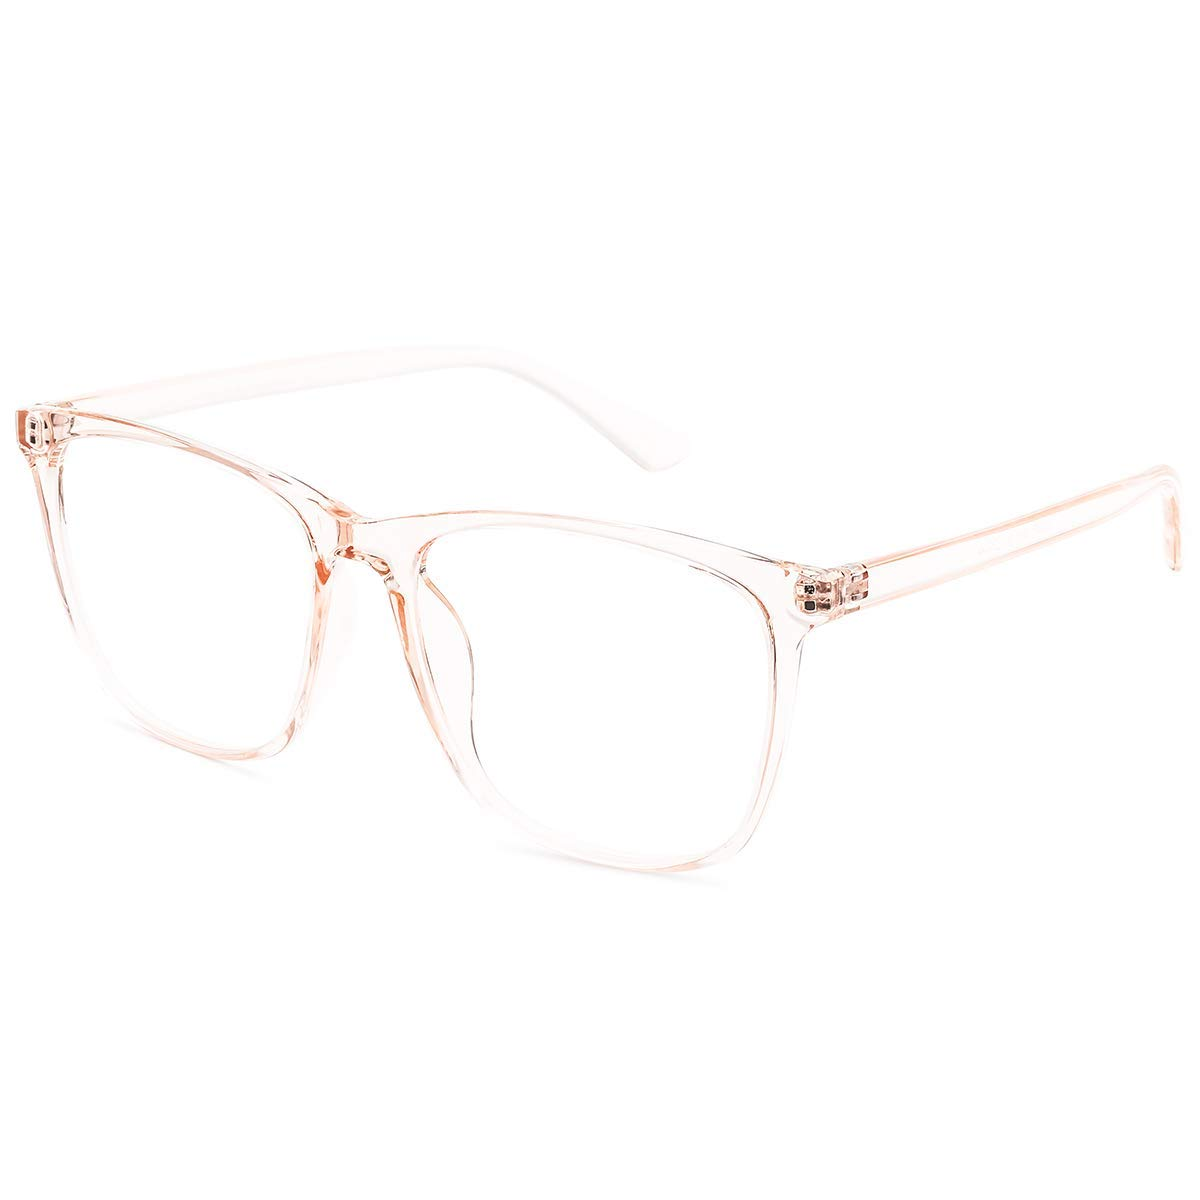 H.Yue Blue Light Blocking Glasses for Computer Use, Anti Eyestrain UV Filter Lens Lightweight Frame Eyeglasses